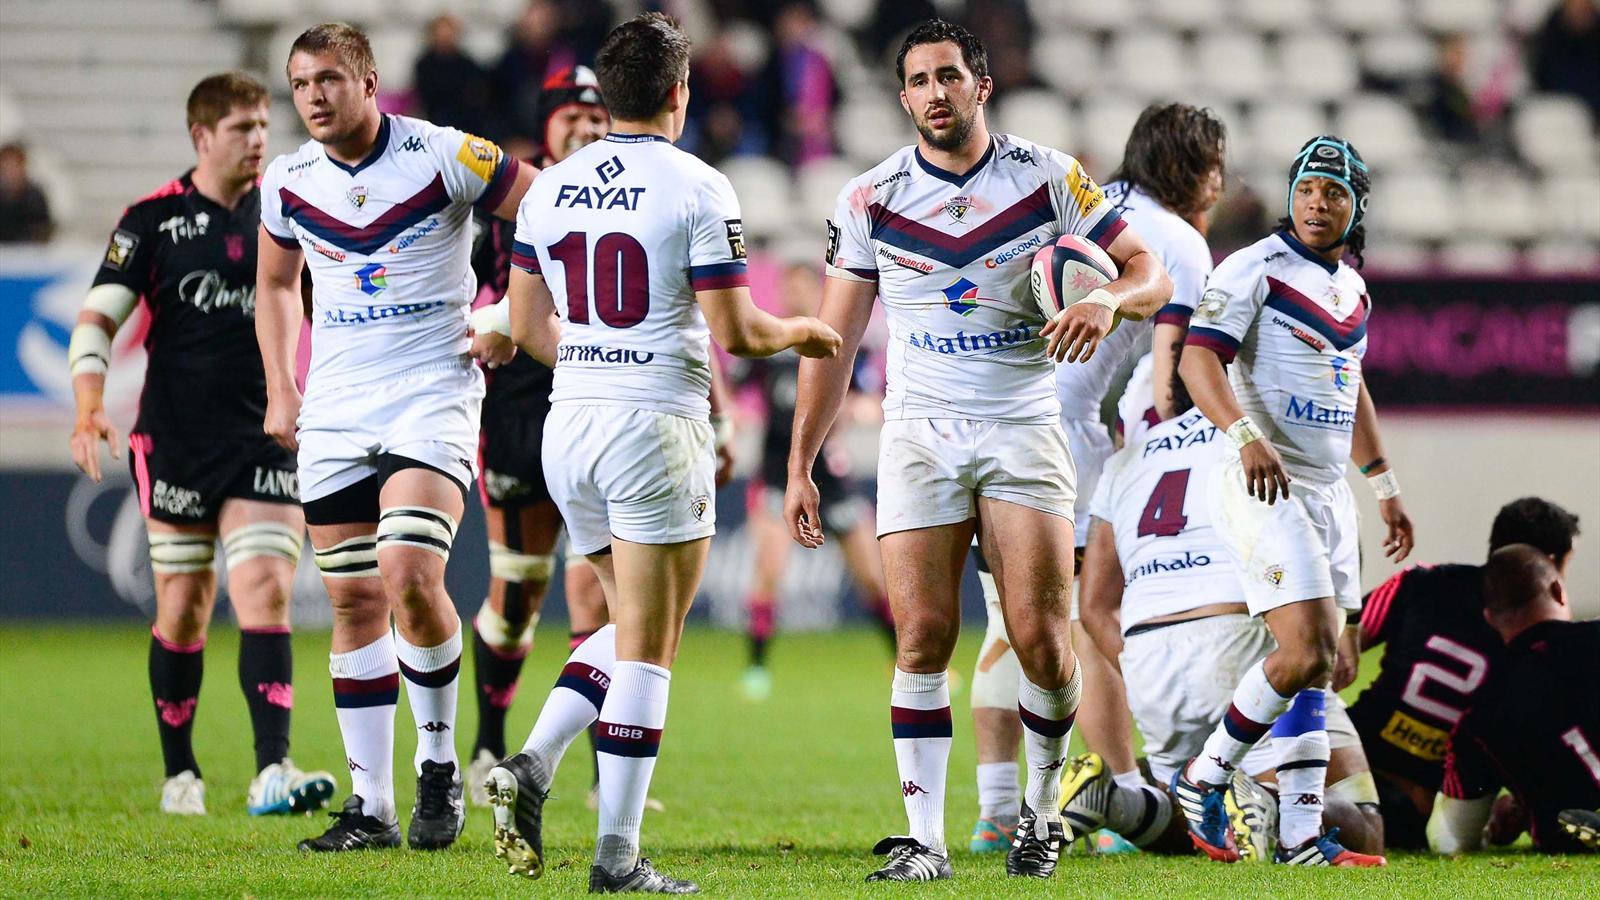 Rugby Union Bordeaux Bègles vs London Welsh en direct live streaming